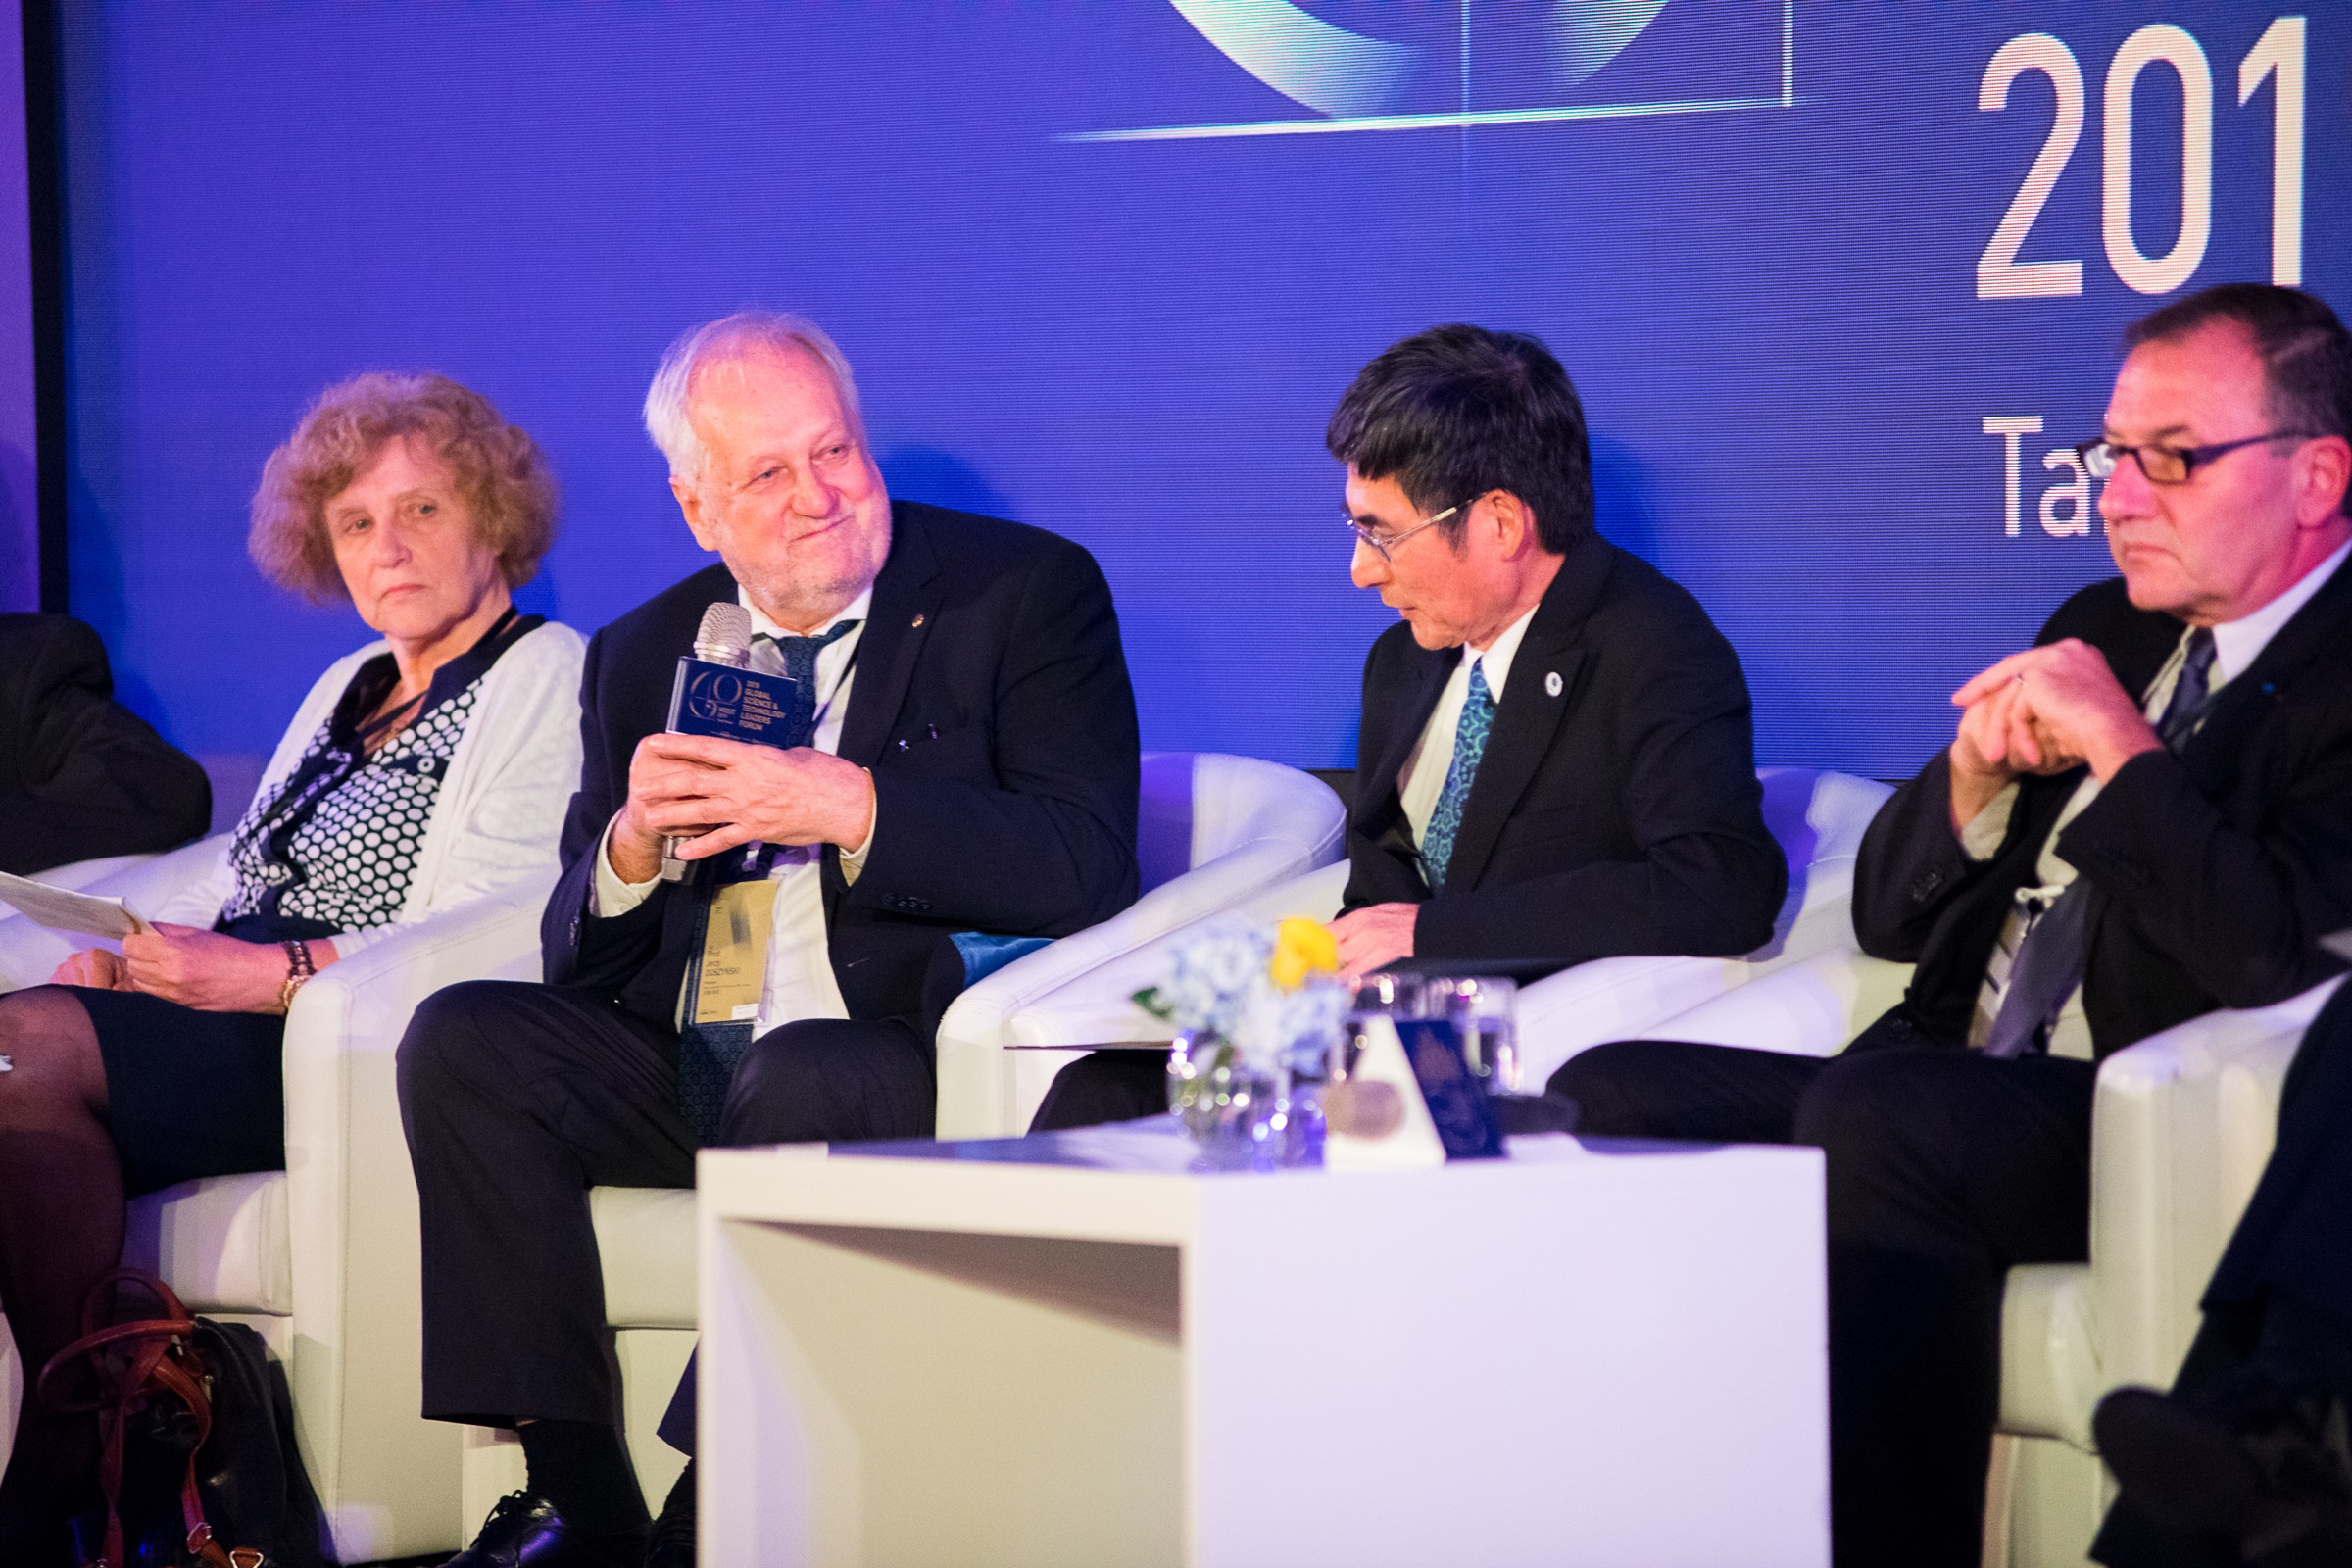 Prezes PAN dyskutuje z uczestnikami forum